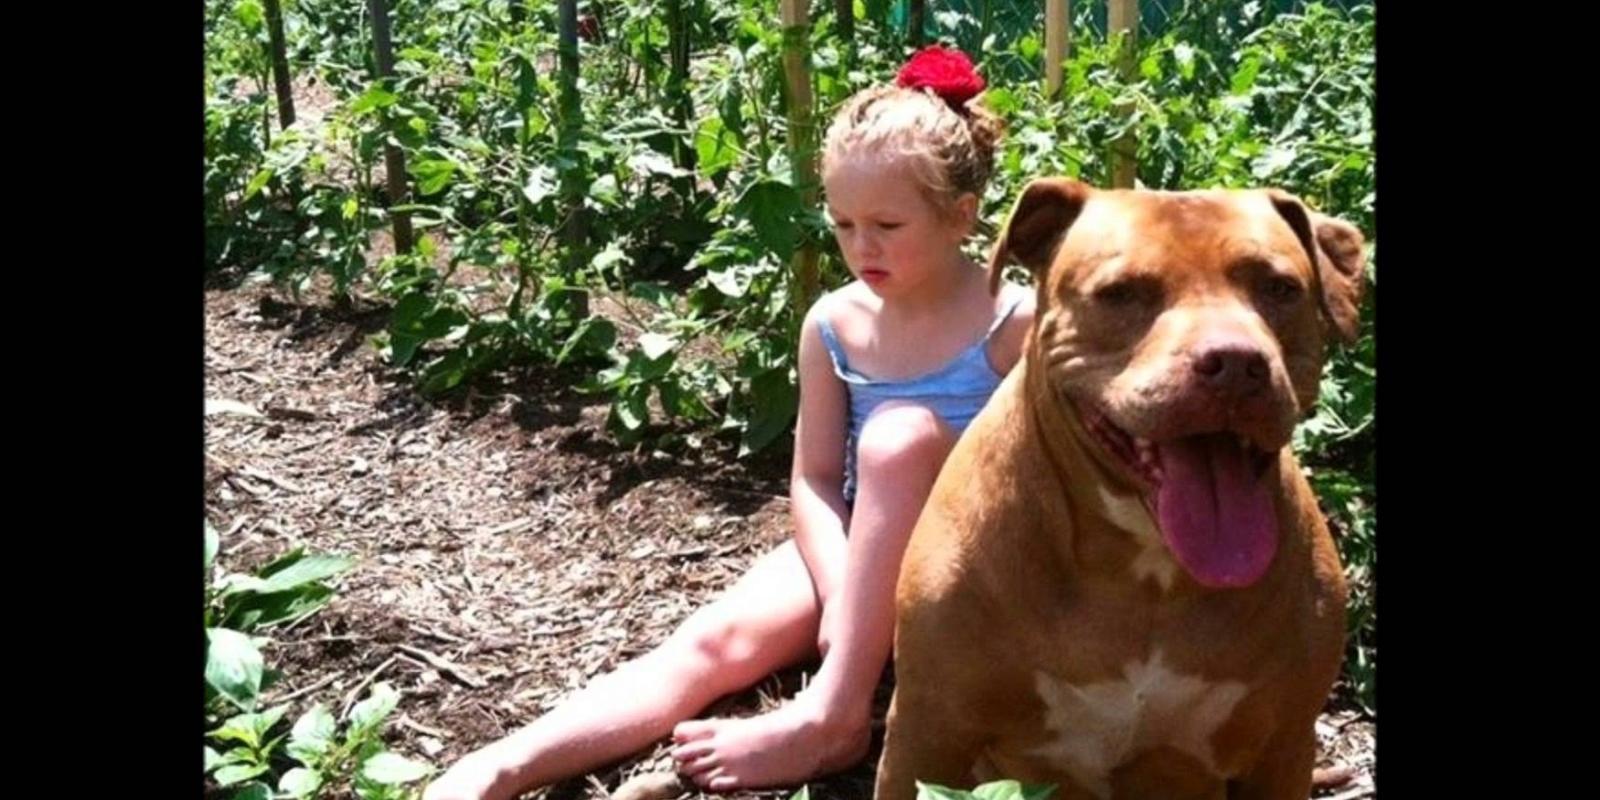 Бойцовский пес отбил девочку унасильника